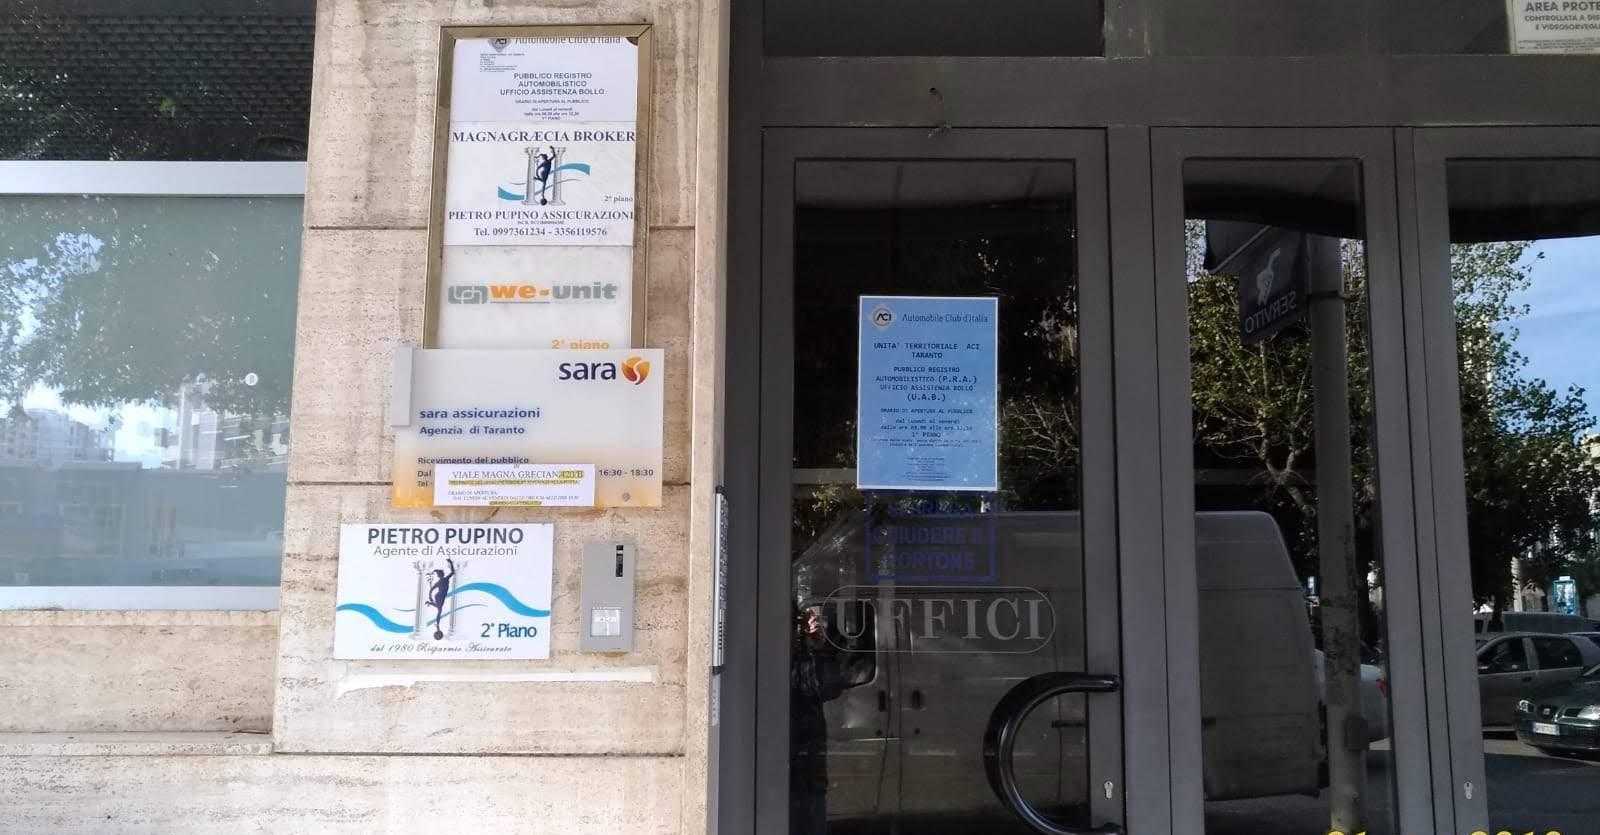 Unità Territoriale ACI di Taranto